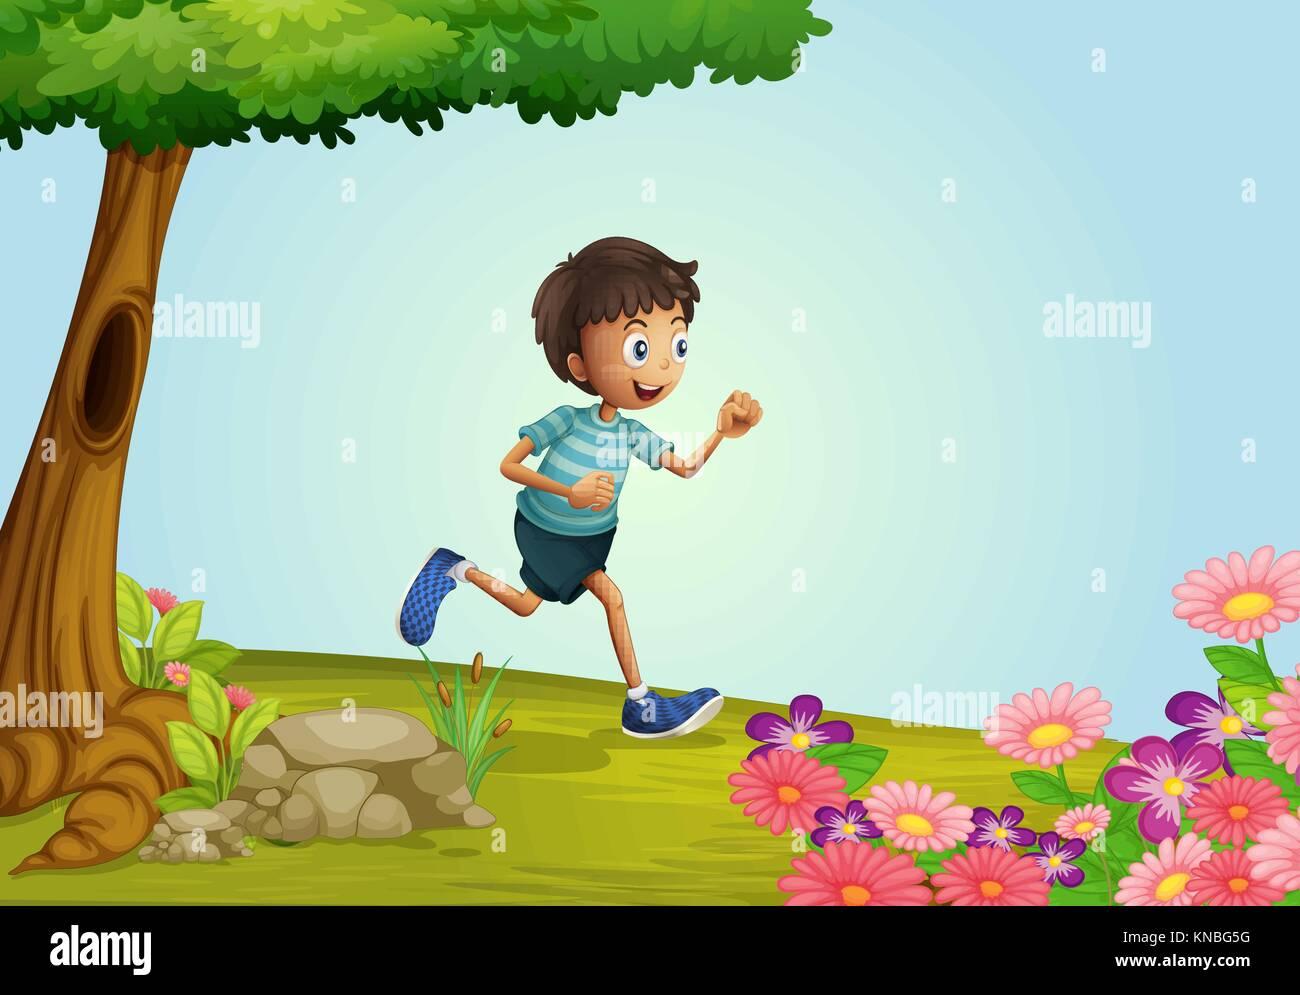 Ilustración De Un Niño Corriendo En Un Jardín